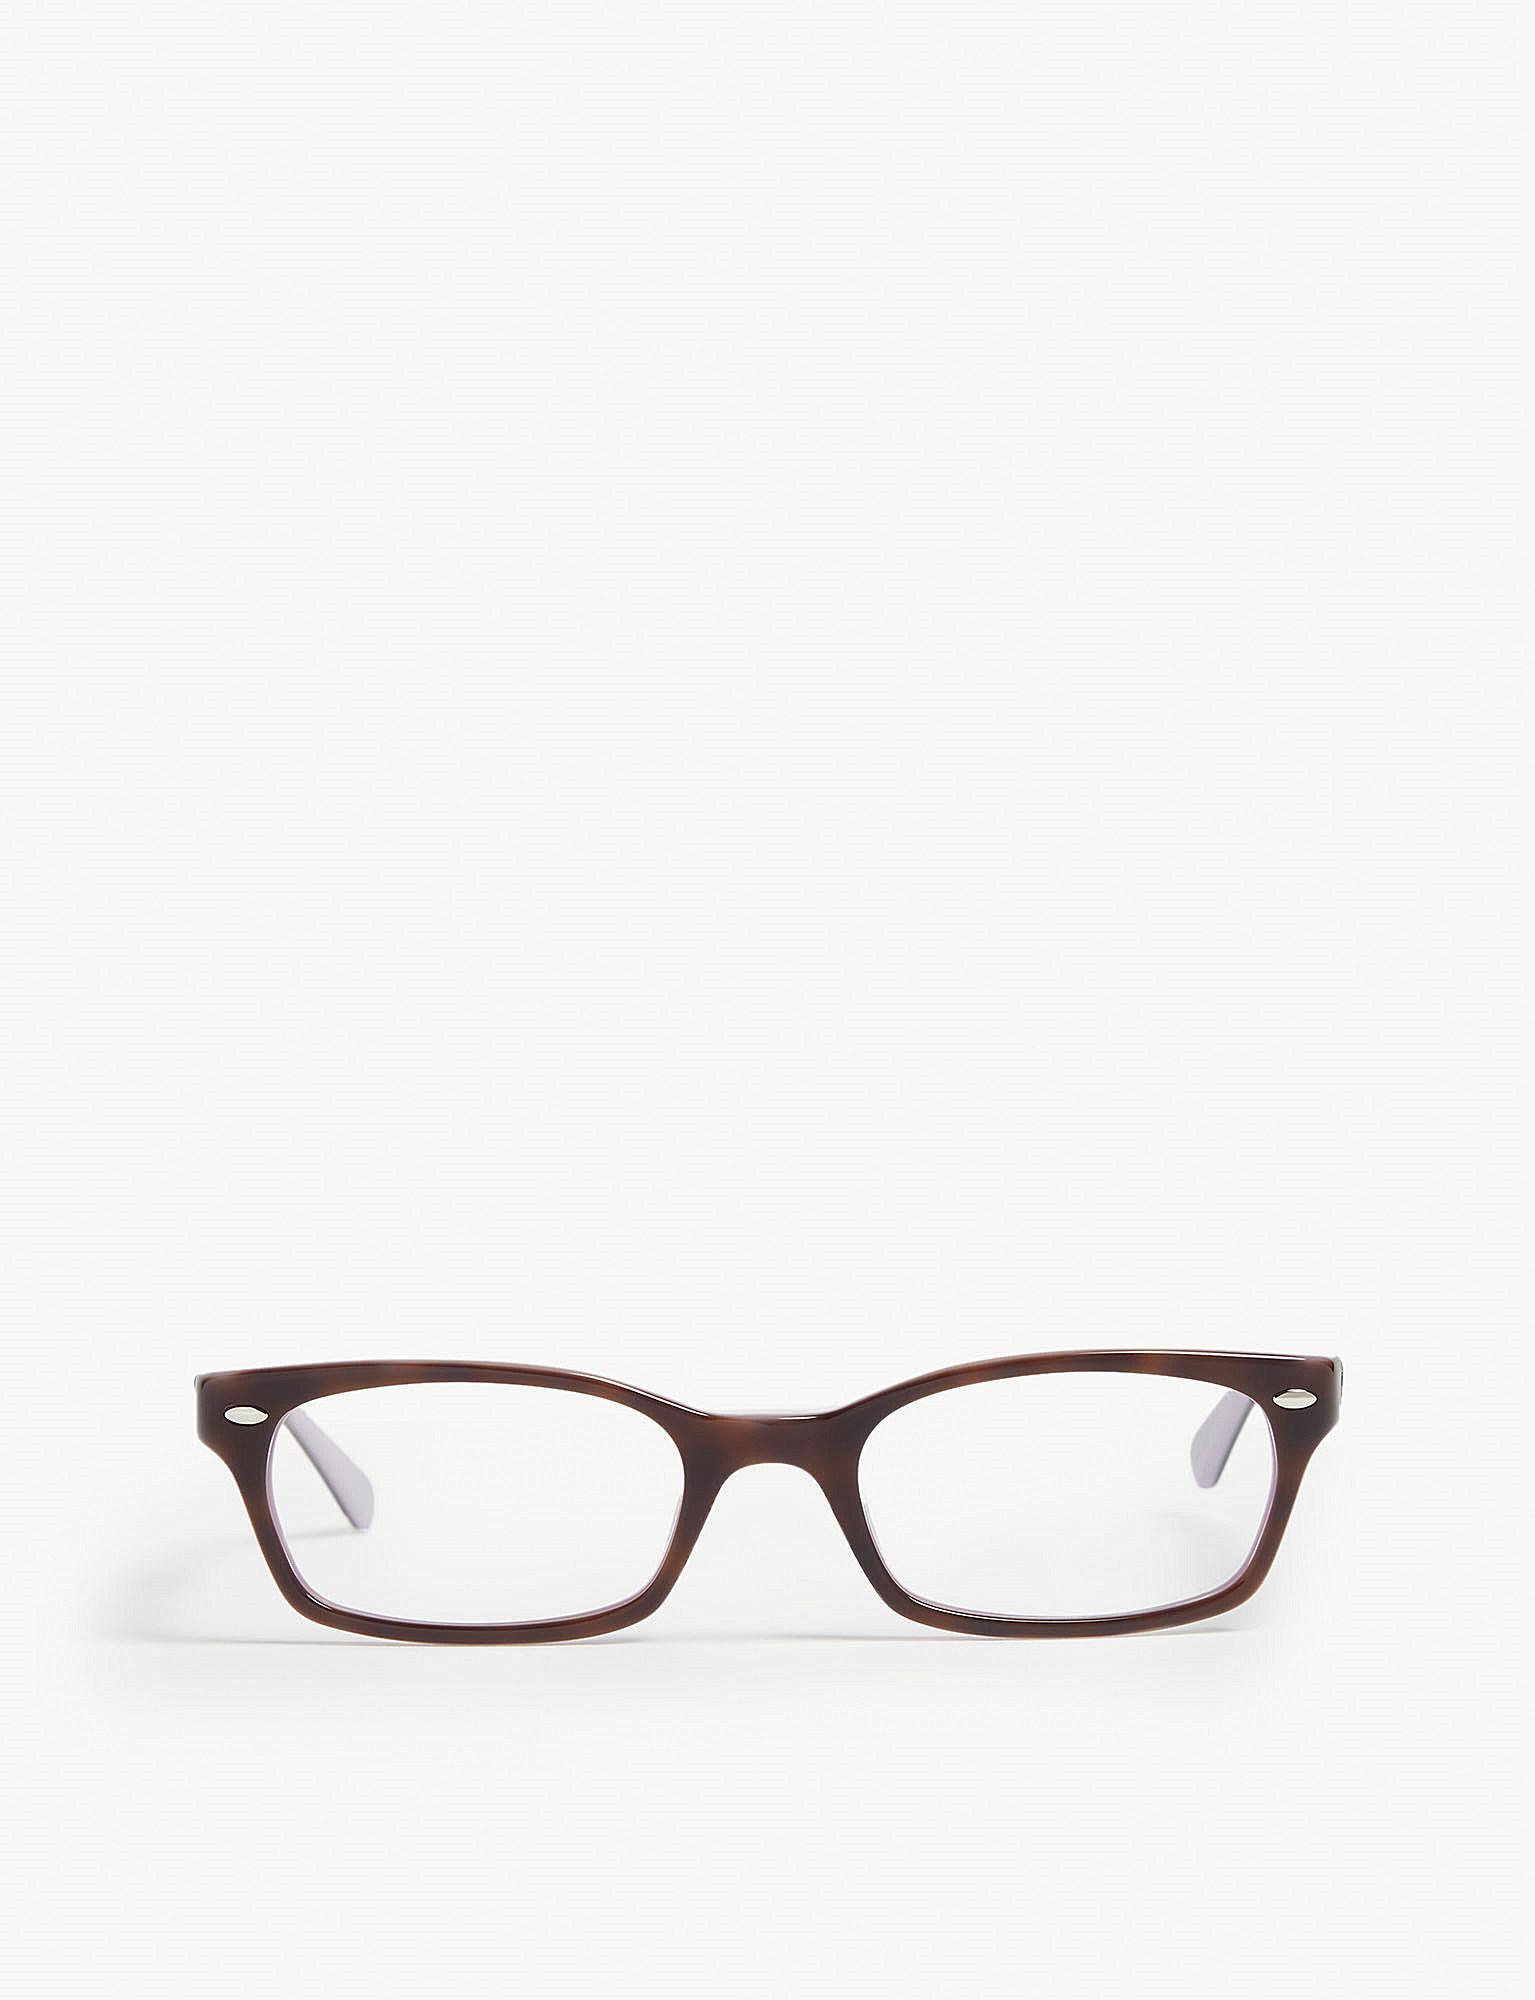 08b5fda47ed92 Ray-Ban Rb5150 Rectangle-frame Glasses in Blue for Men - Lyst